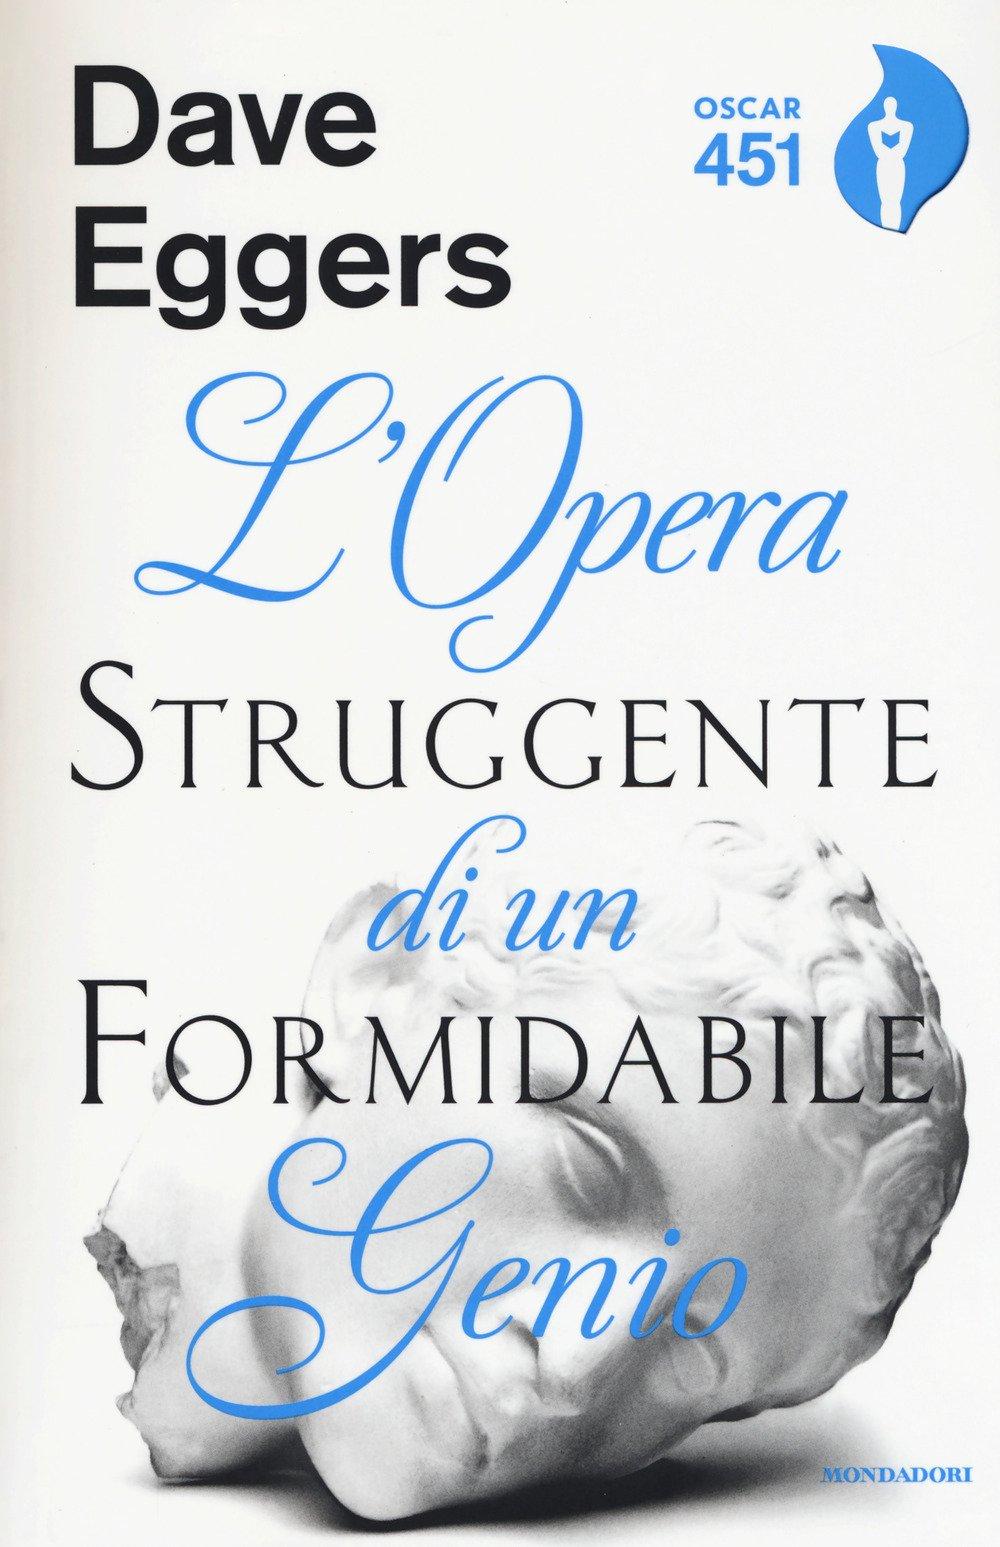 Dave Eggers – L'opera Struggente di un Formidabile Genio